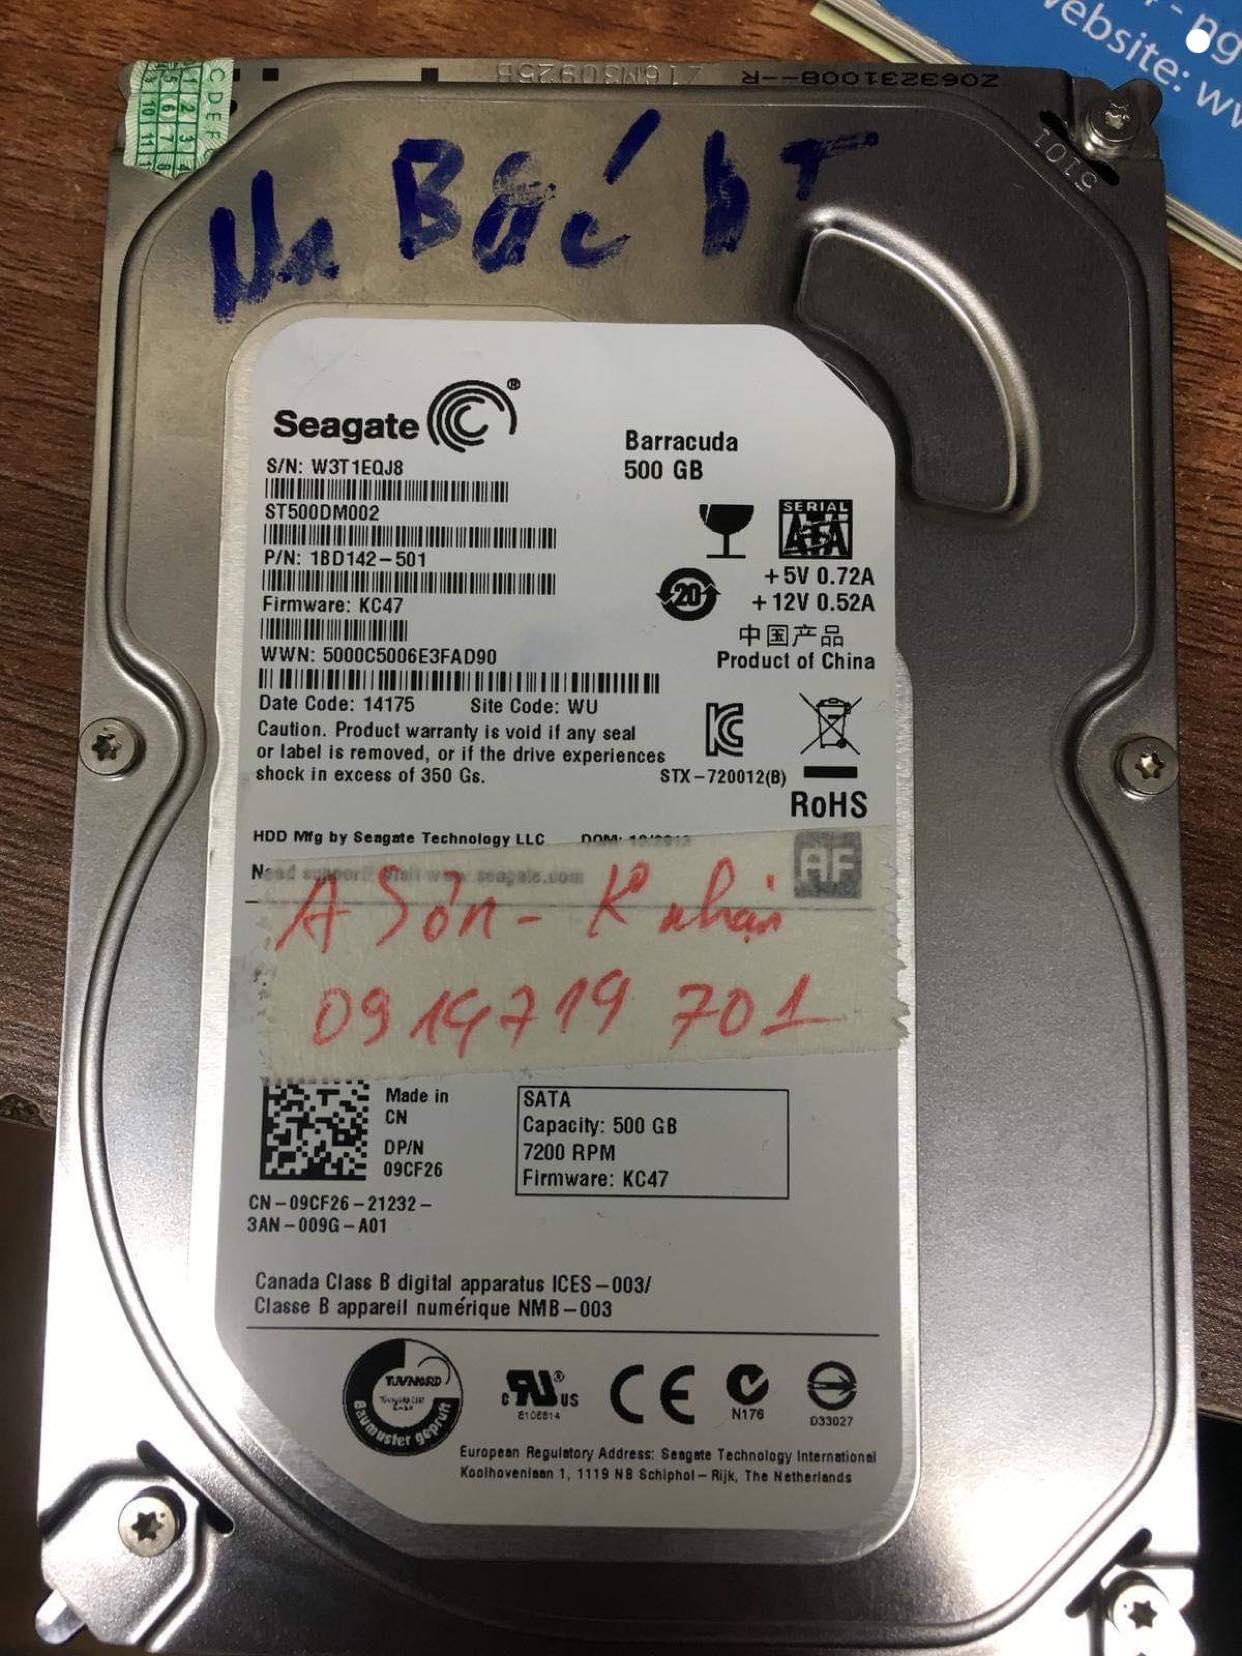 Cứu dữ liệu ổ cứng Seagate 500GB không nhận 09.12.2018 - cuumaytinh.com